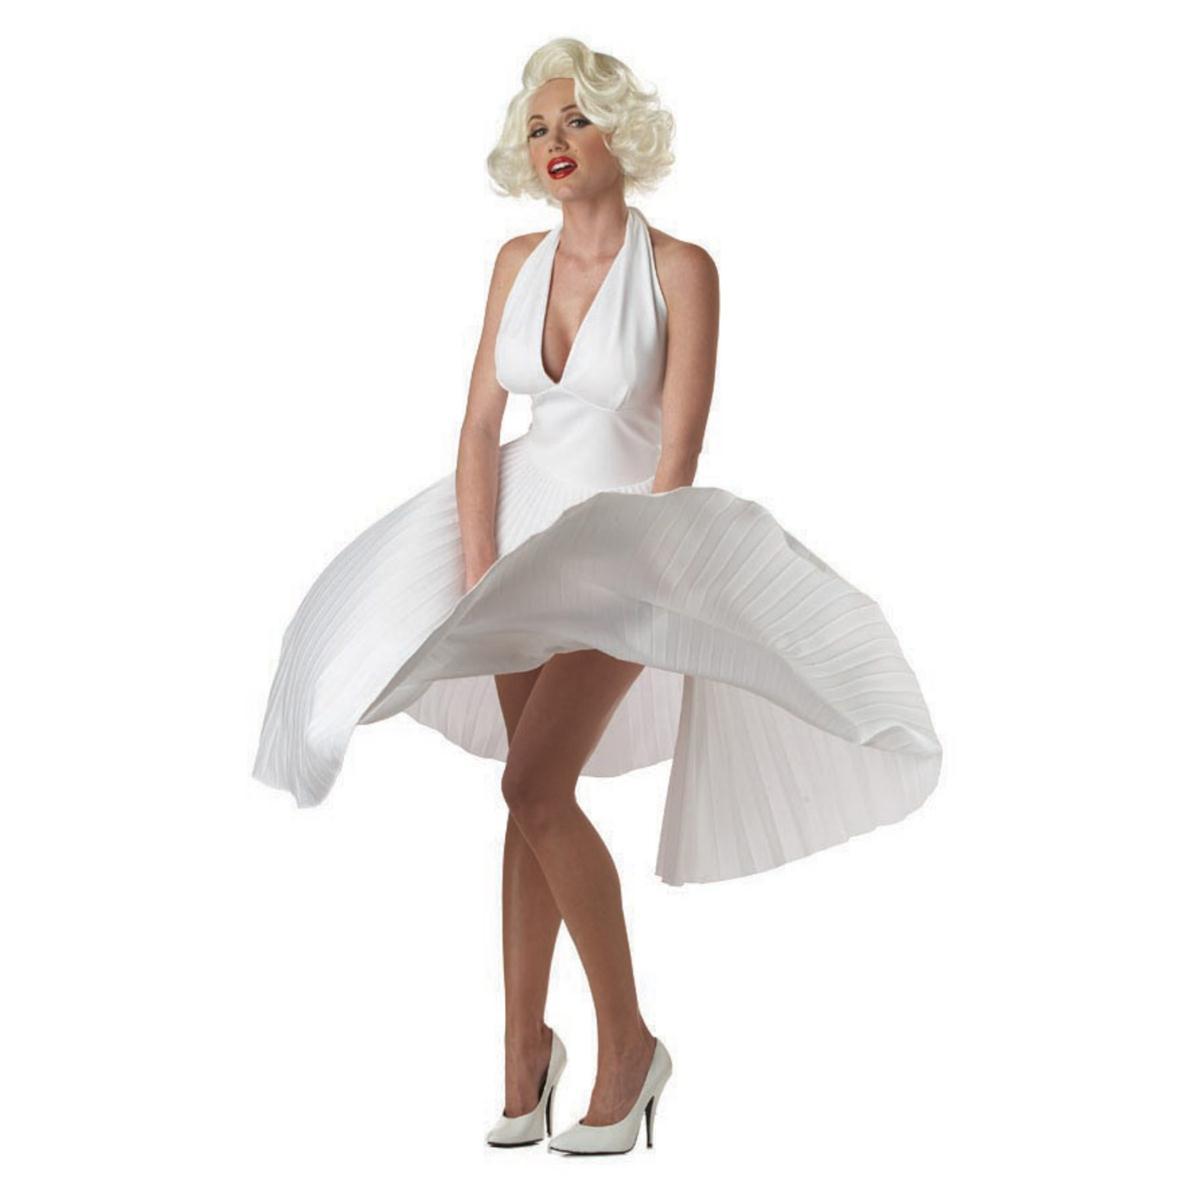 ハロウィン マリリンモンロー コスチューム ドレス コスプレ 衣装 大人 女性 セクシー ホワイトドレス 芸能人 有名人 海外スター 仮装